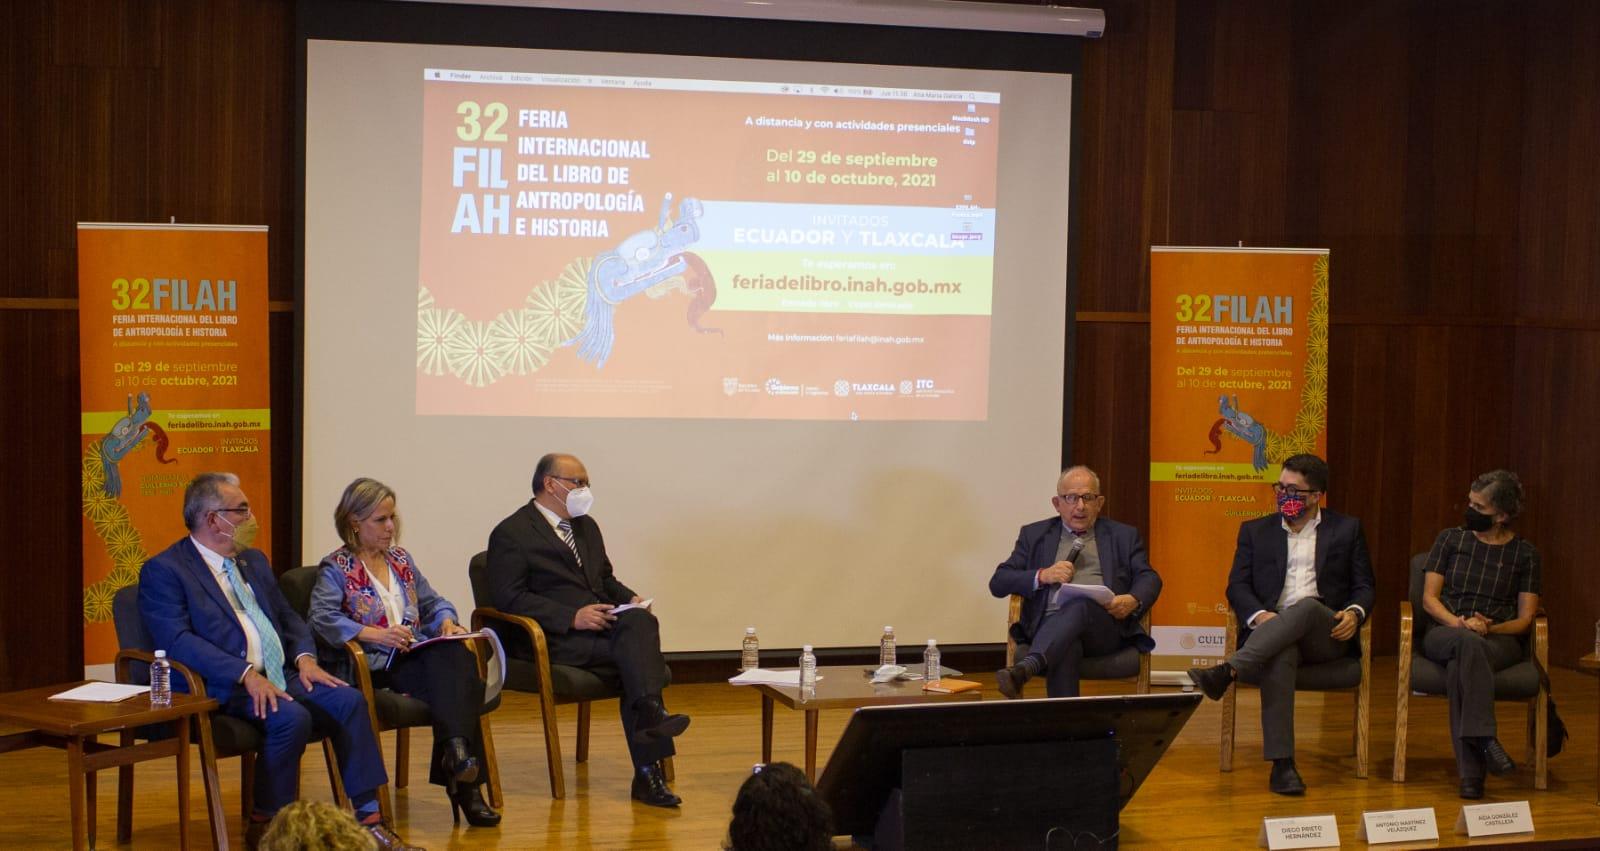 Autoridades de México, Ecuador y Tlaxcala anuncian la edición XXXII de la Feria del Libro de Antropología e Historia